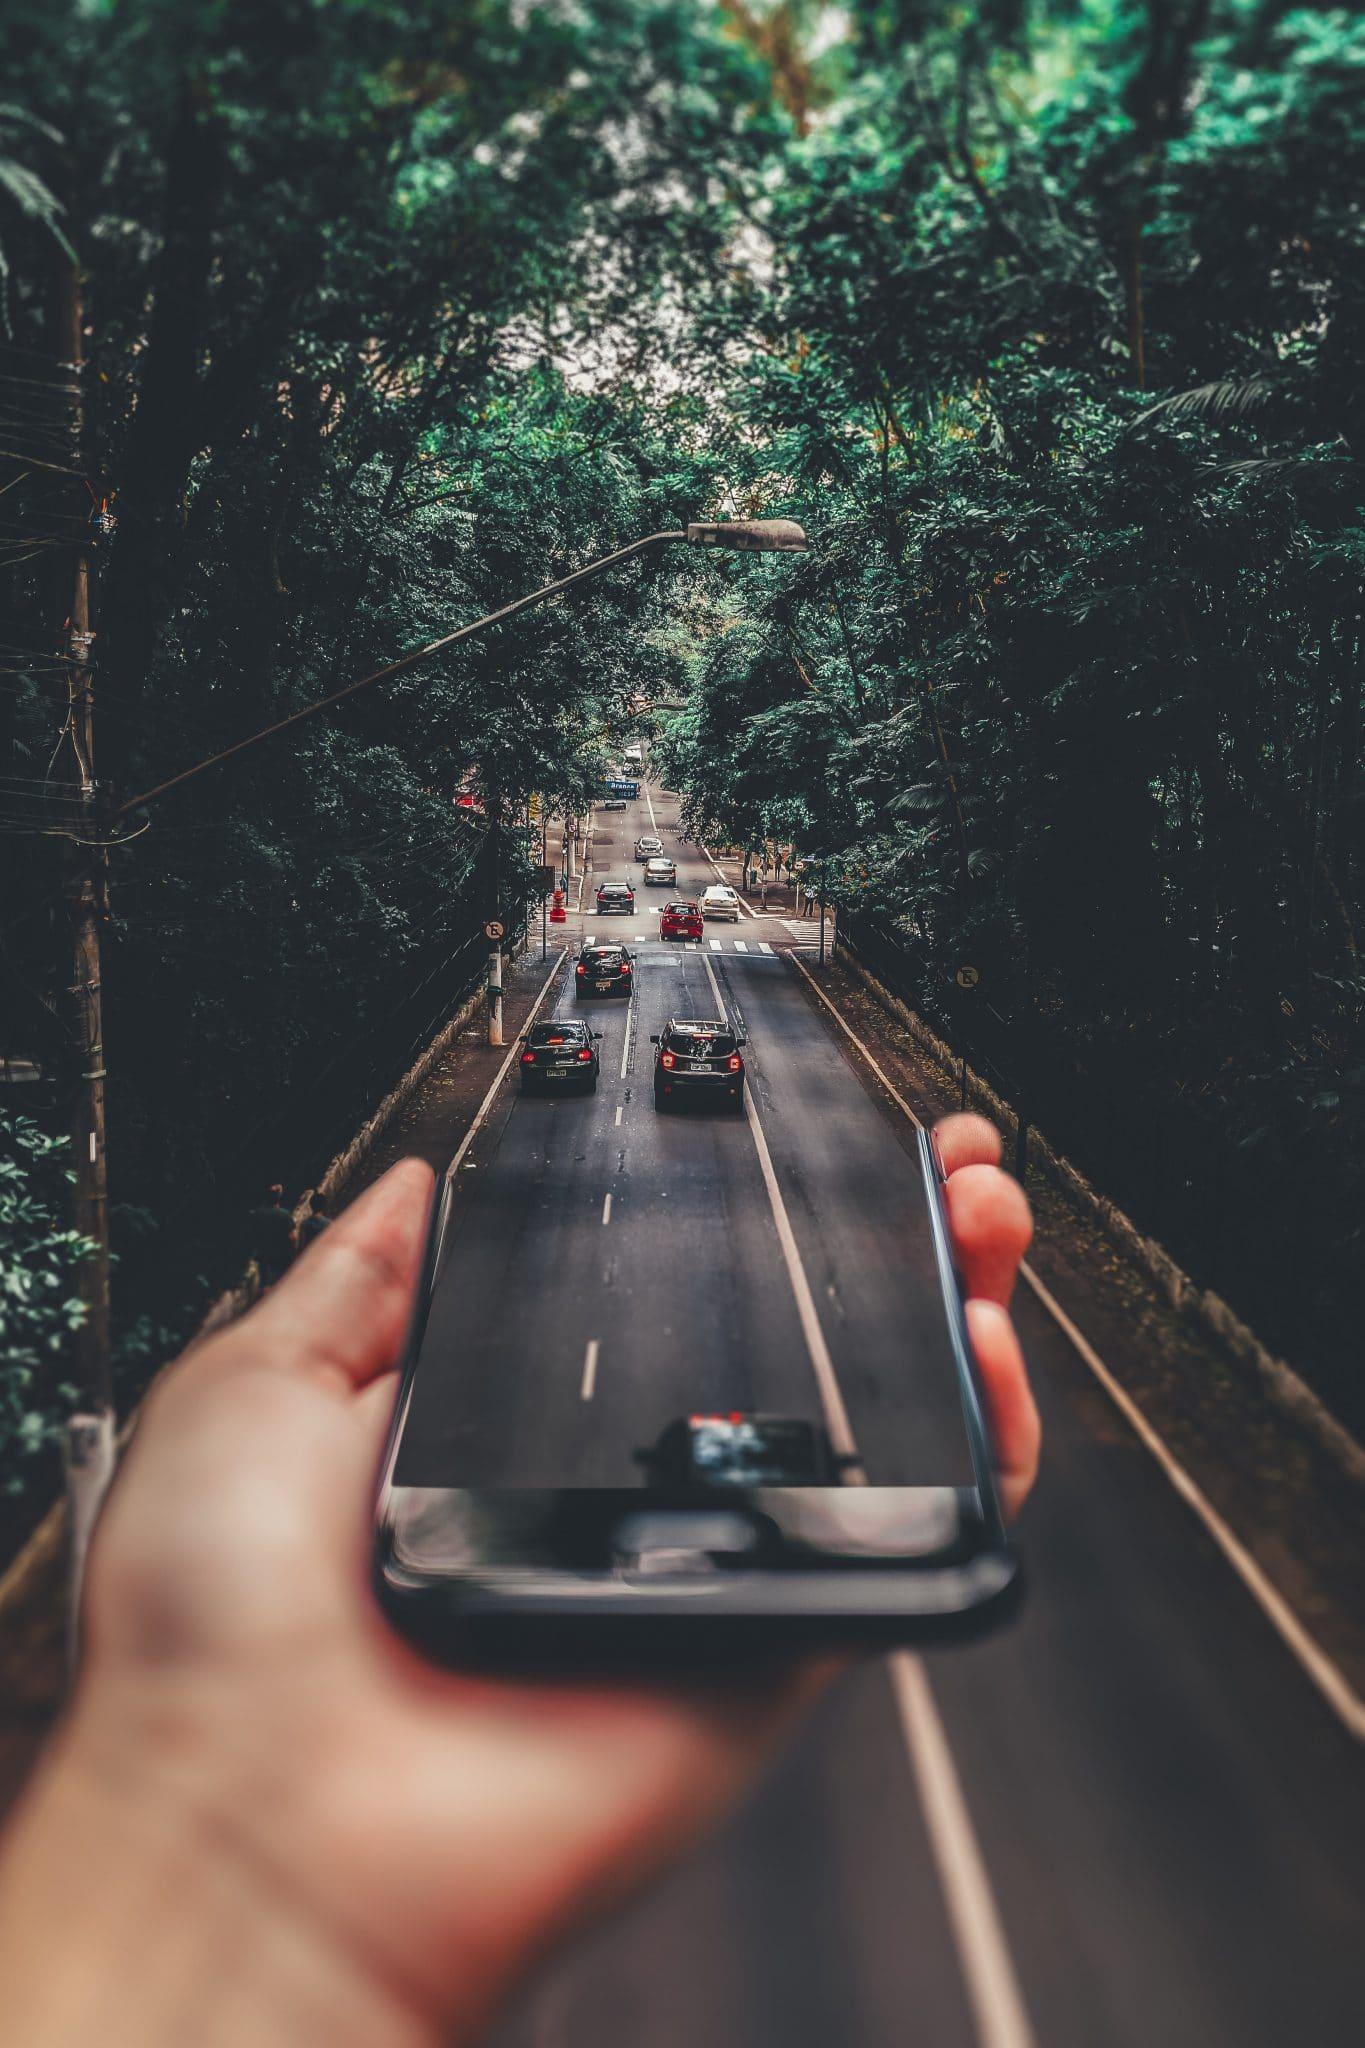 Aramisauto : l'application pour acheter facilement une voiture